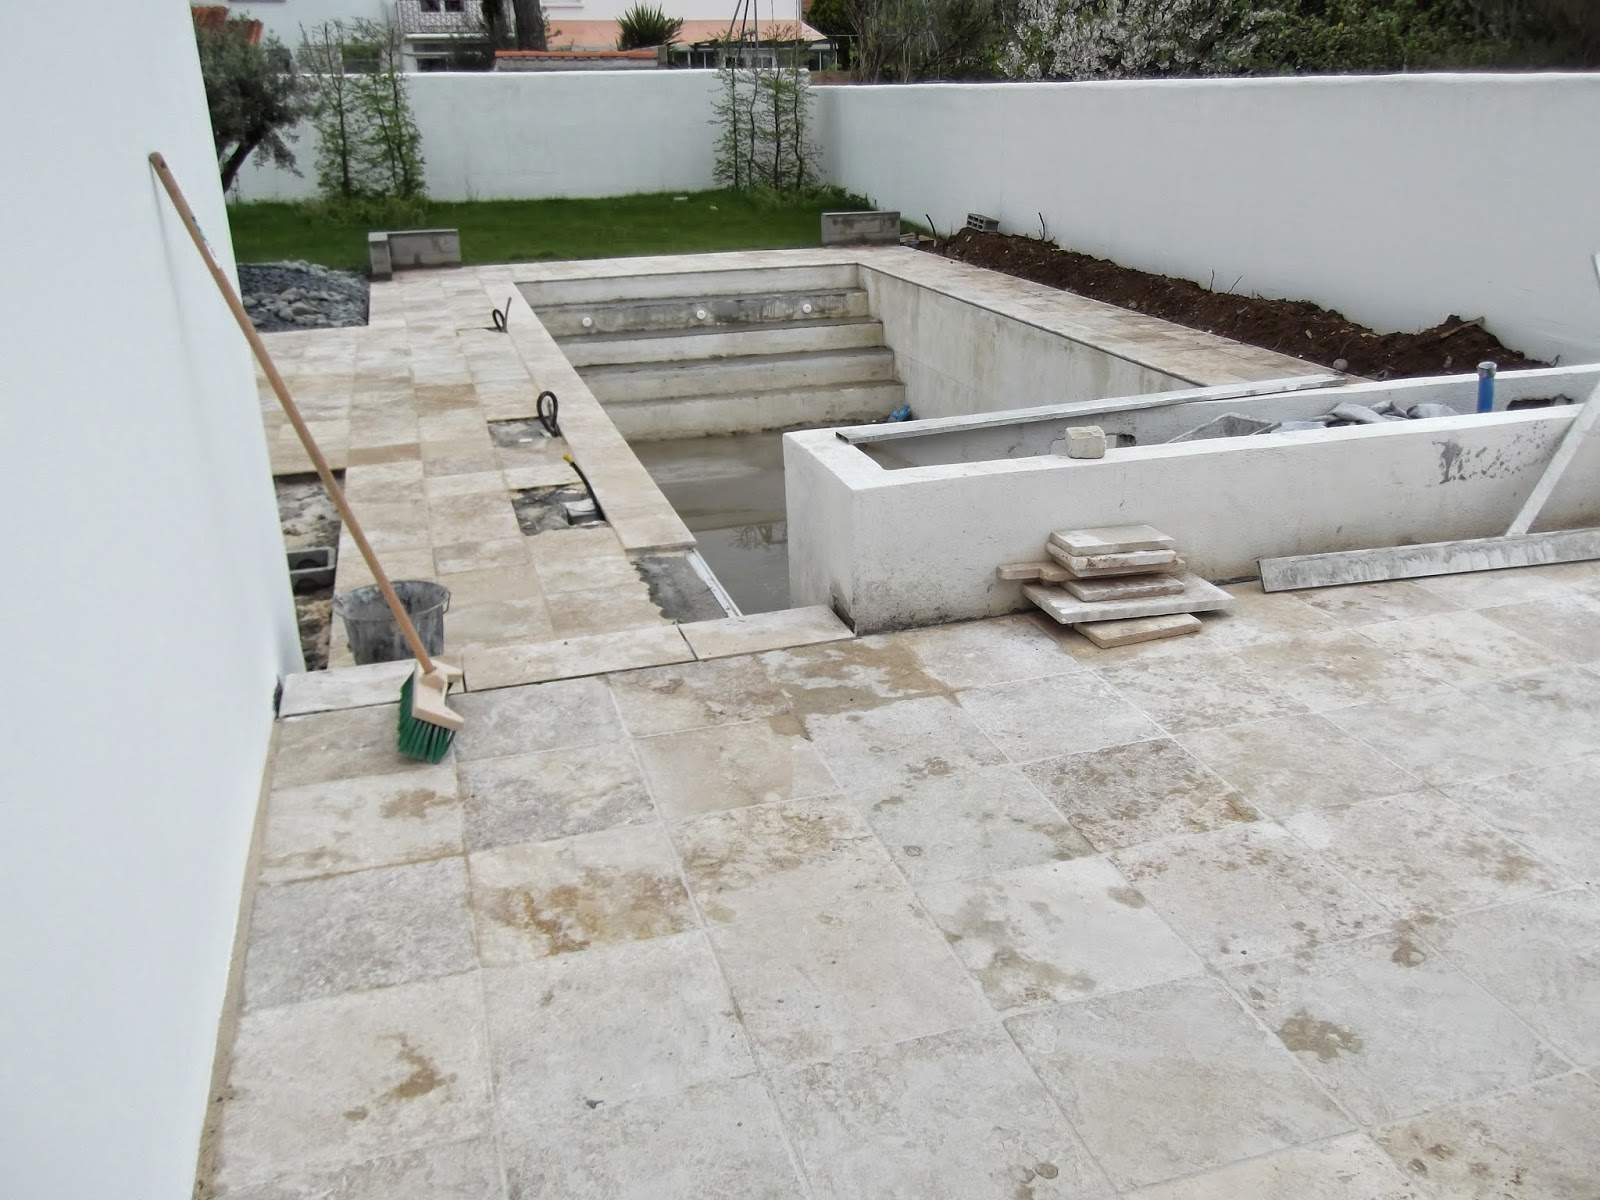 Terrasse et contour de piscine en travertin la rochelle quelques r alisations for Piscine en travertin